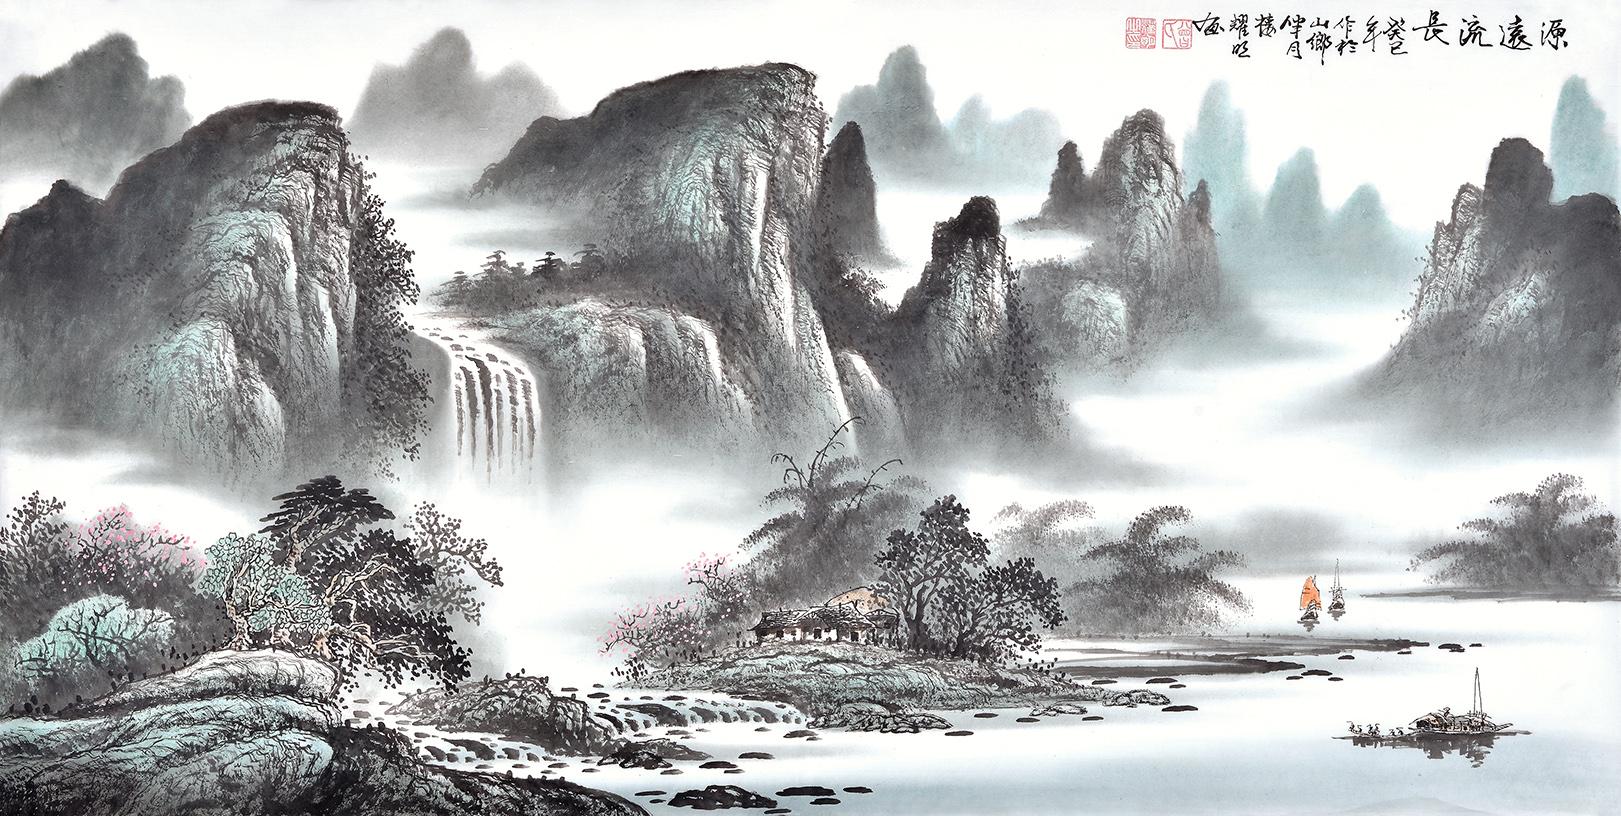 巨型横幅国画山水大�_曾耀明四尺横幅山水画作品《源远流长》